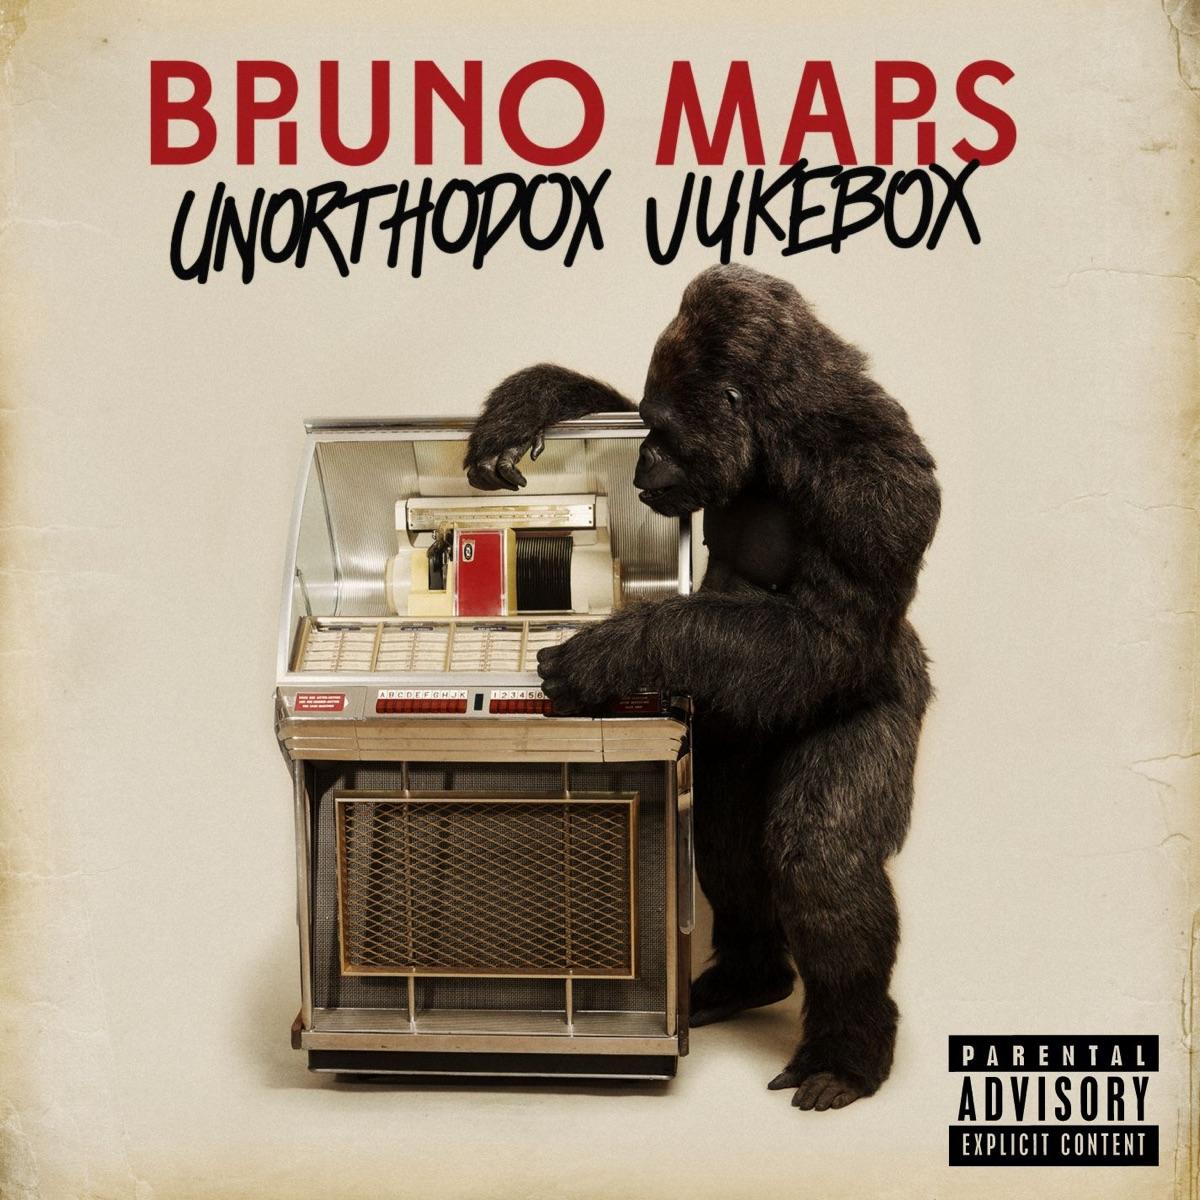 Unorthodox Jukebox Bruno Mars CD cover